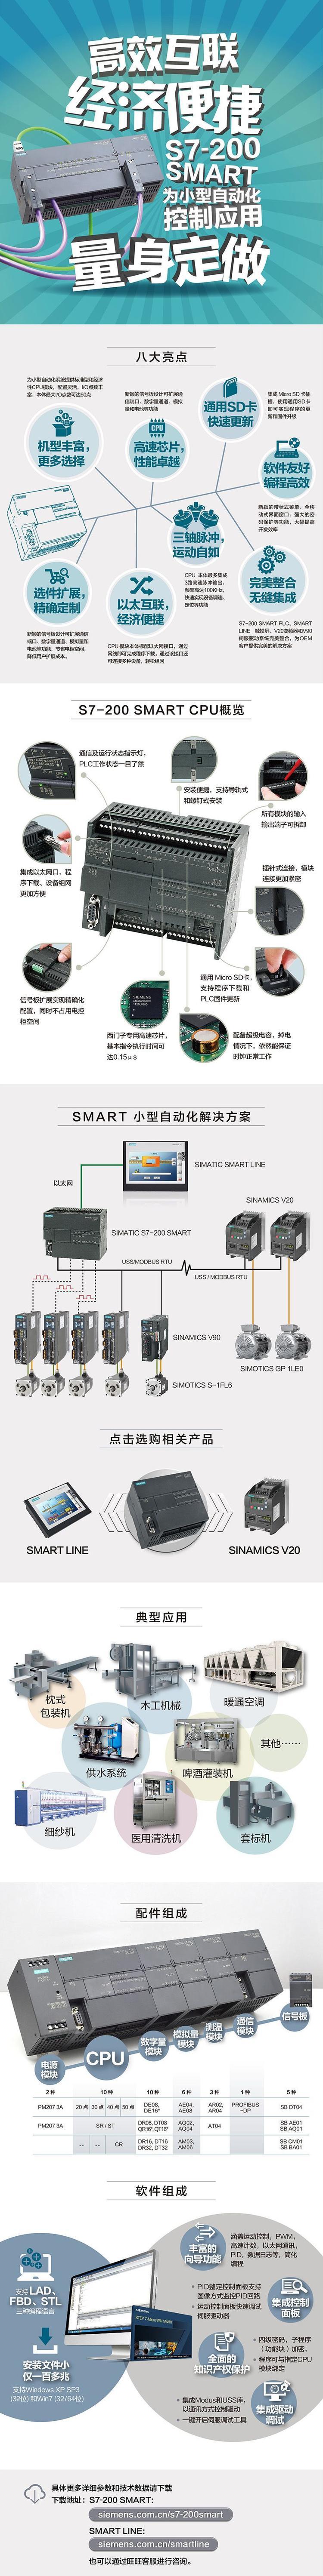 西门子S7-200SMART控制单元CPUSR40